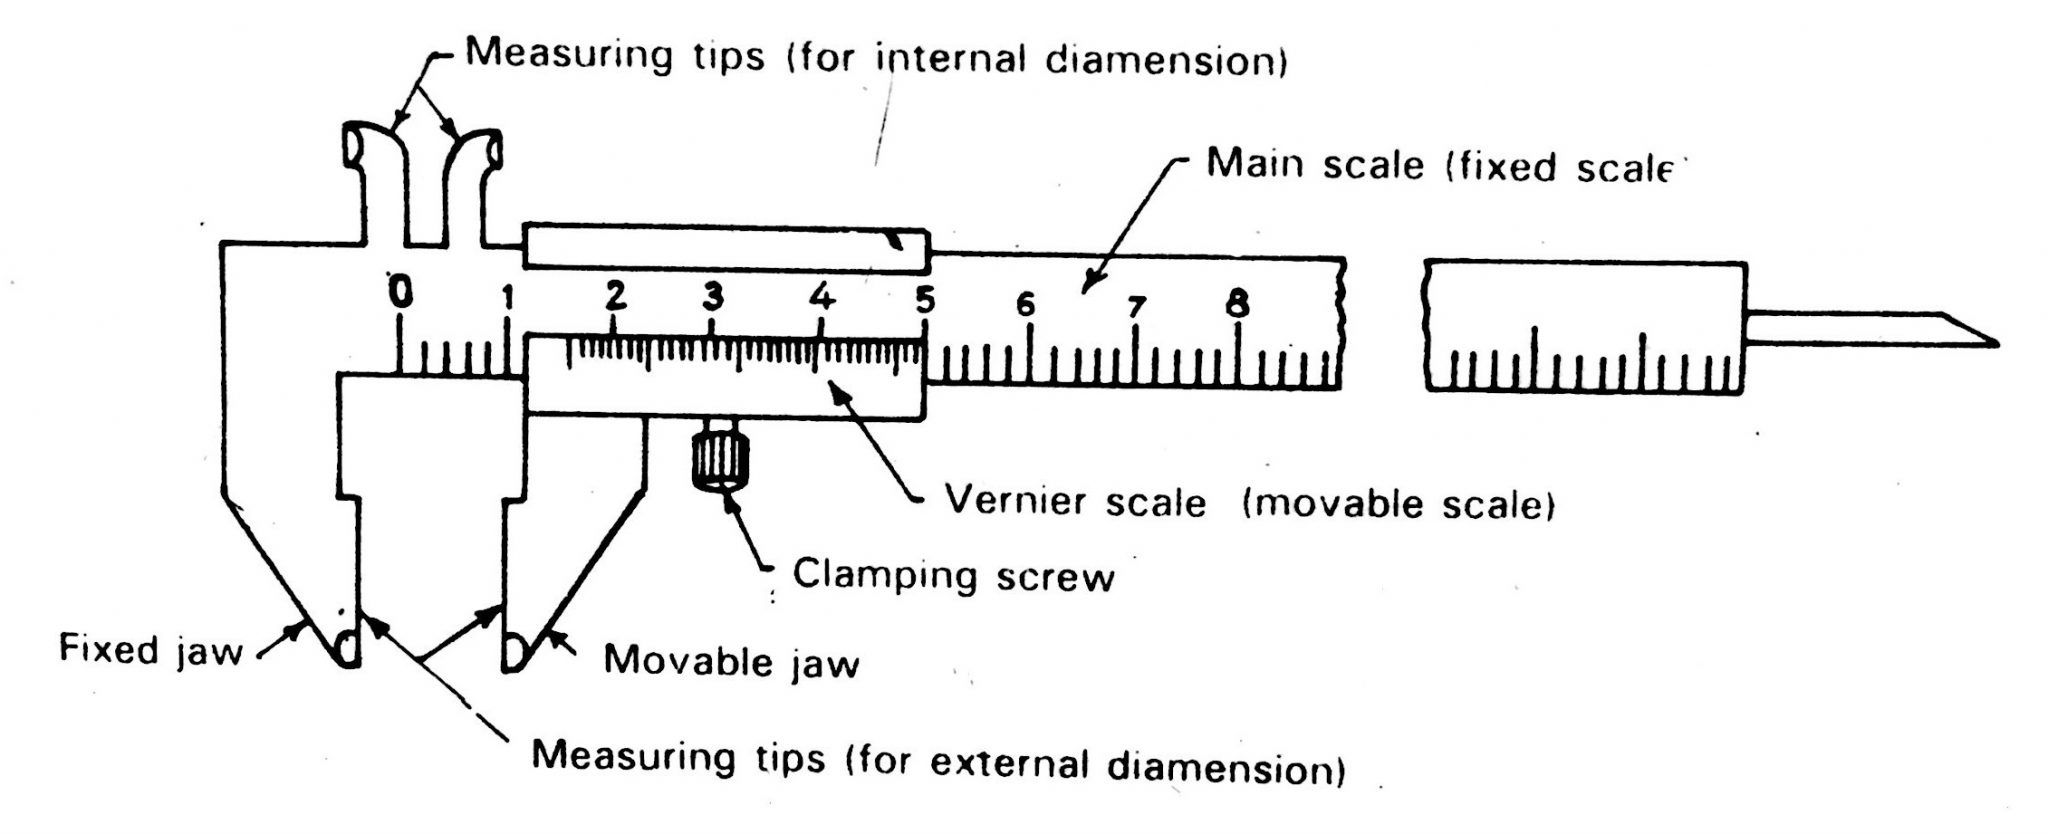 small resolution of vernier calliper diagram working principle metrology diagram full diagram of vernier caliper full diagram of vernier caliper